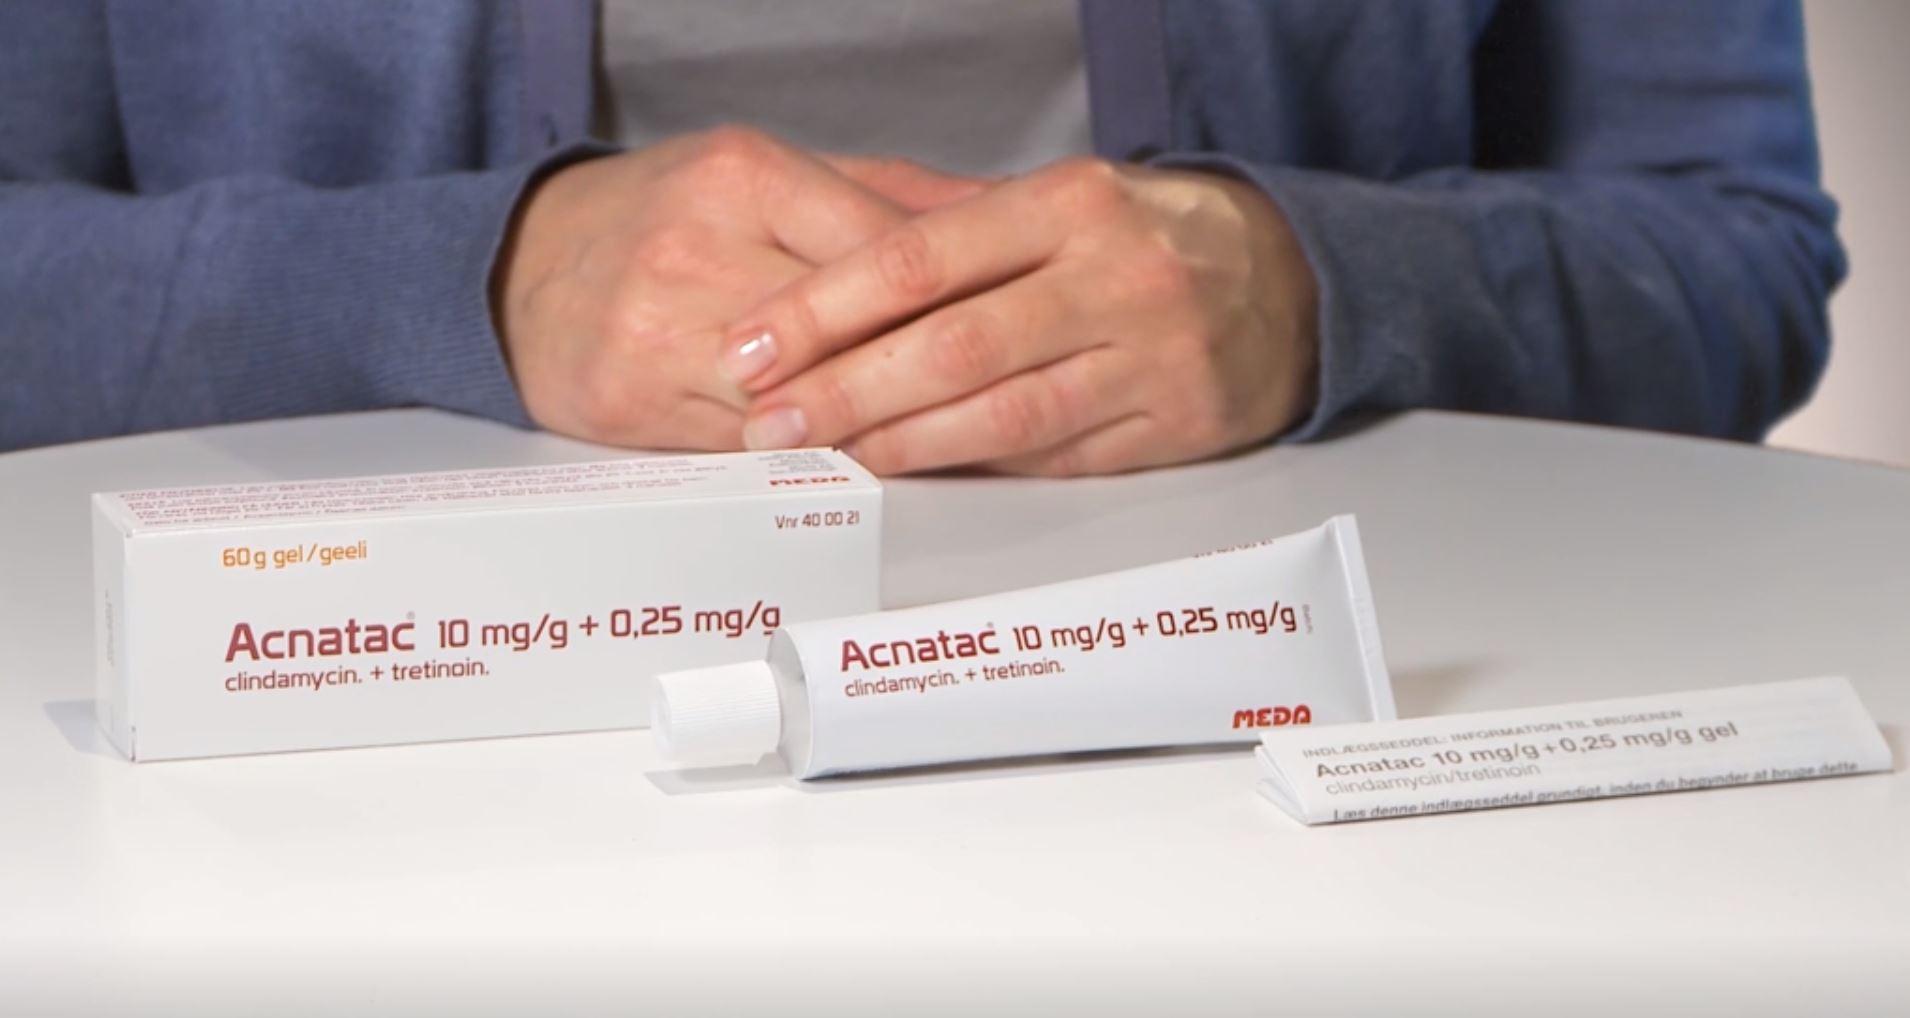 praktiskmedicin